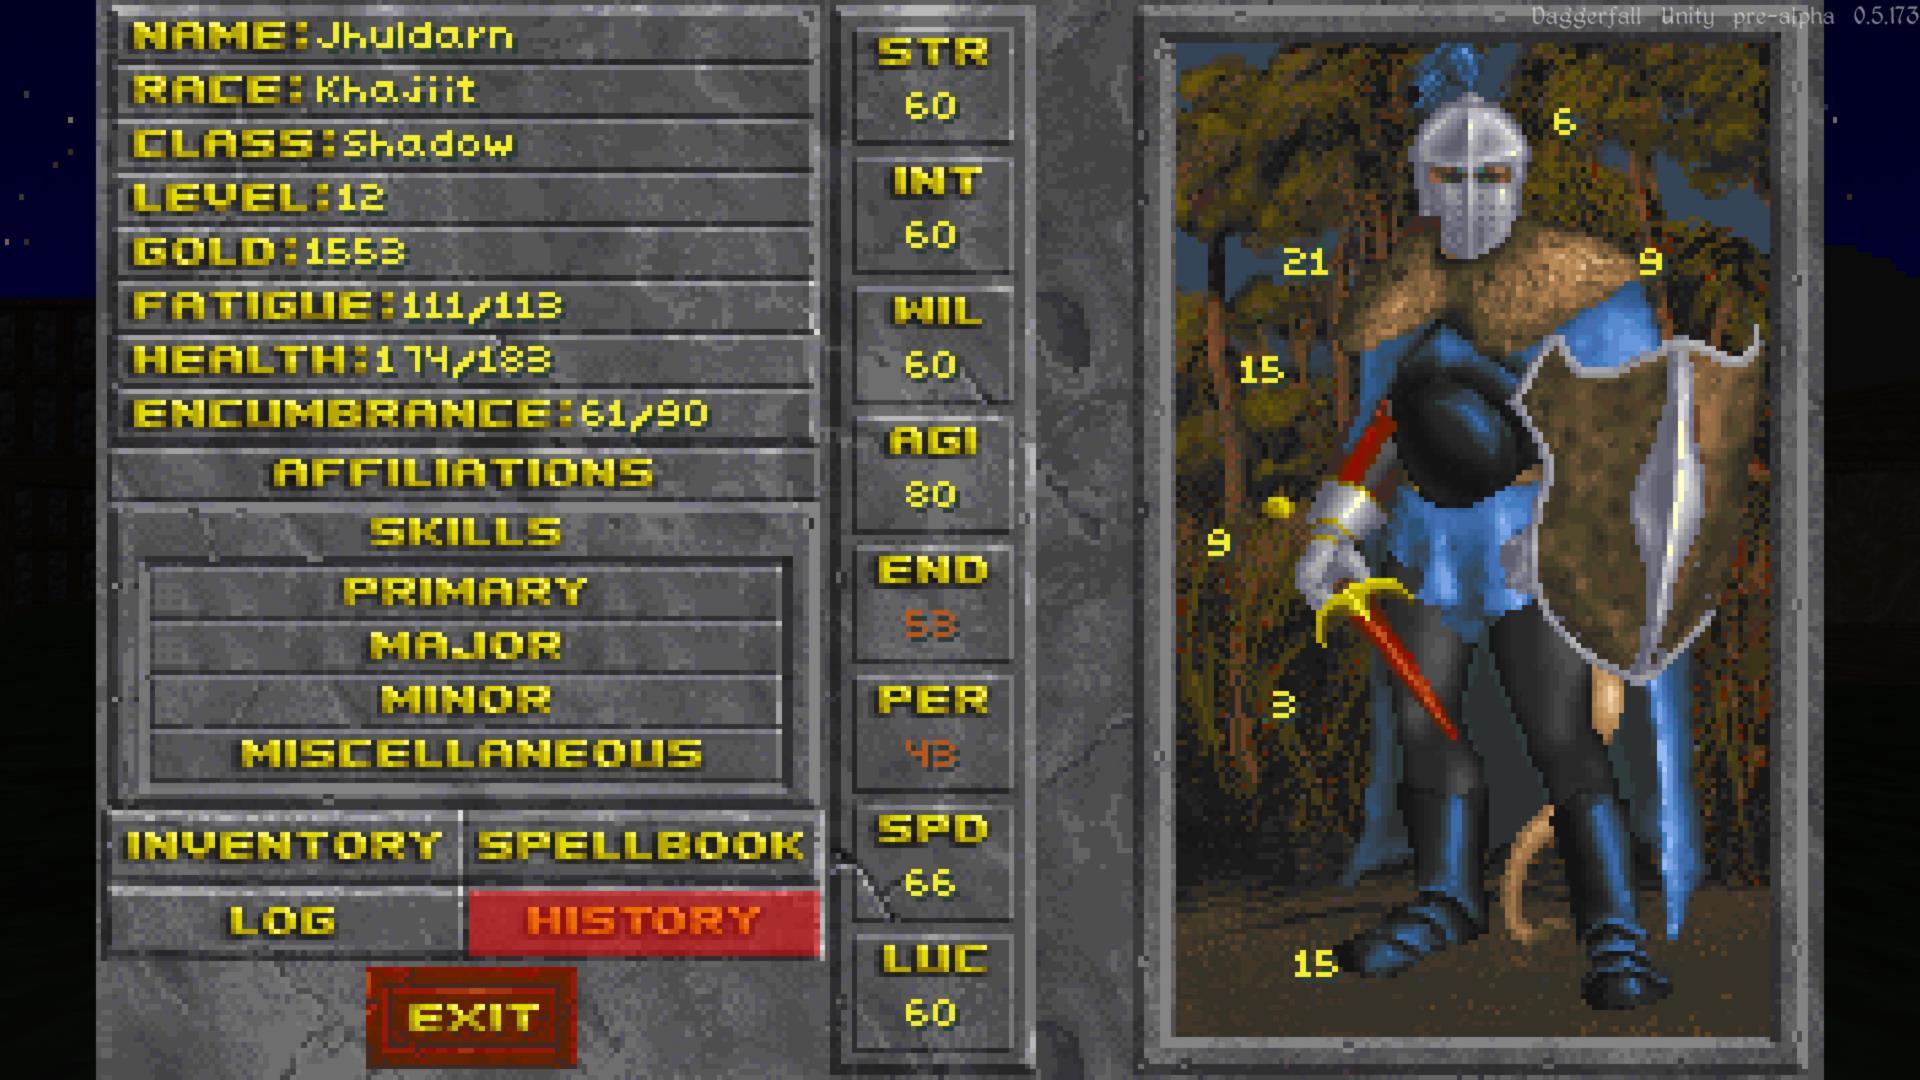 Elder Scrolls II: Daggerfall Windows game - Mod DB